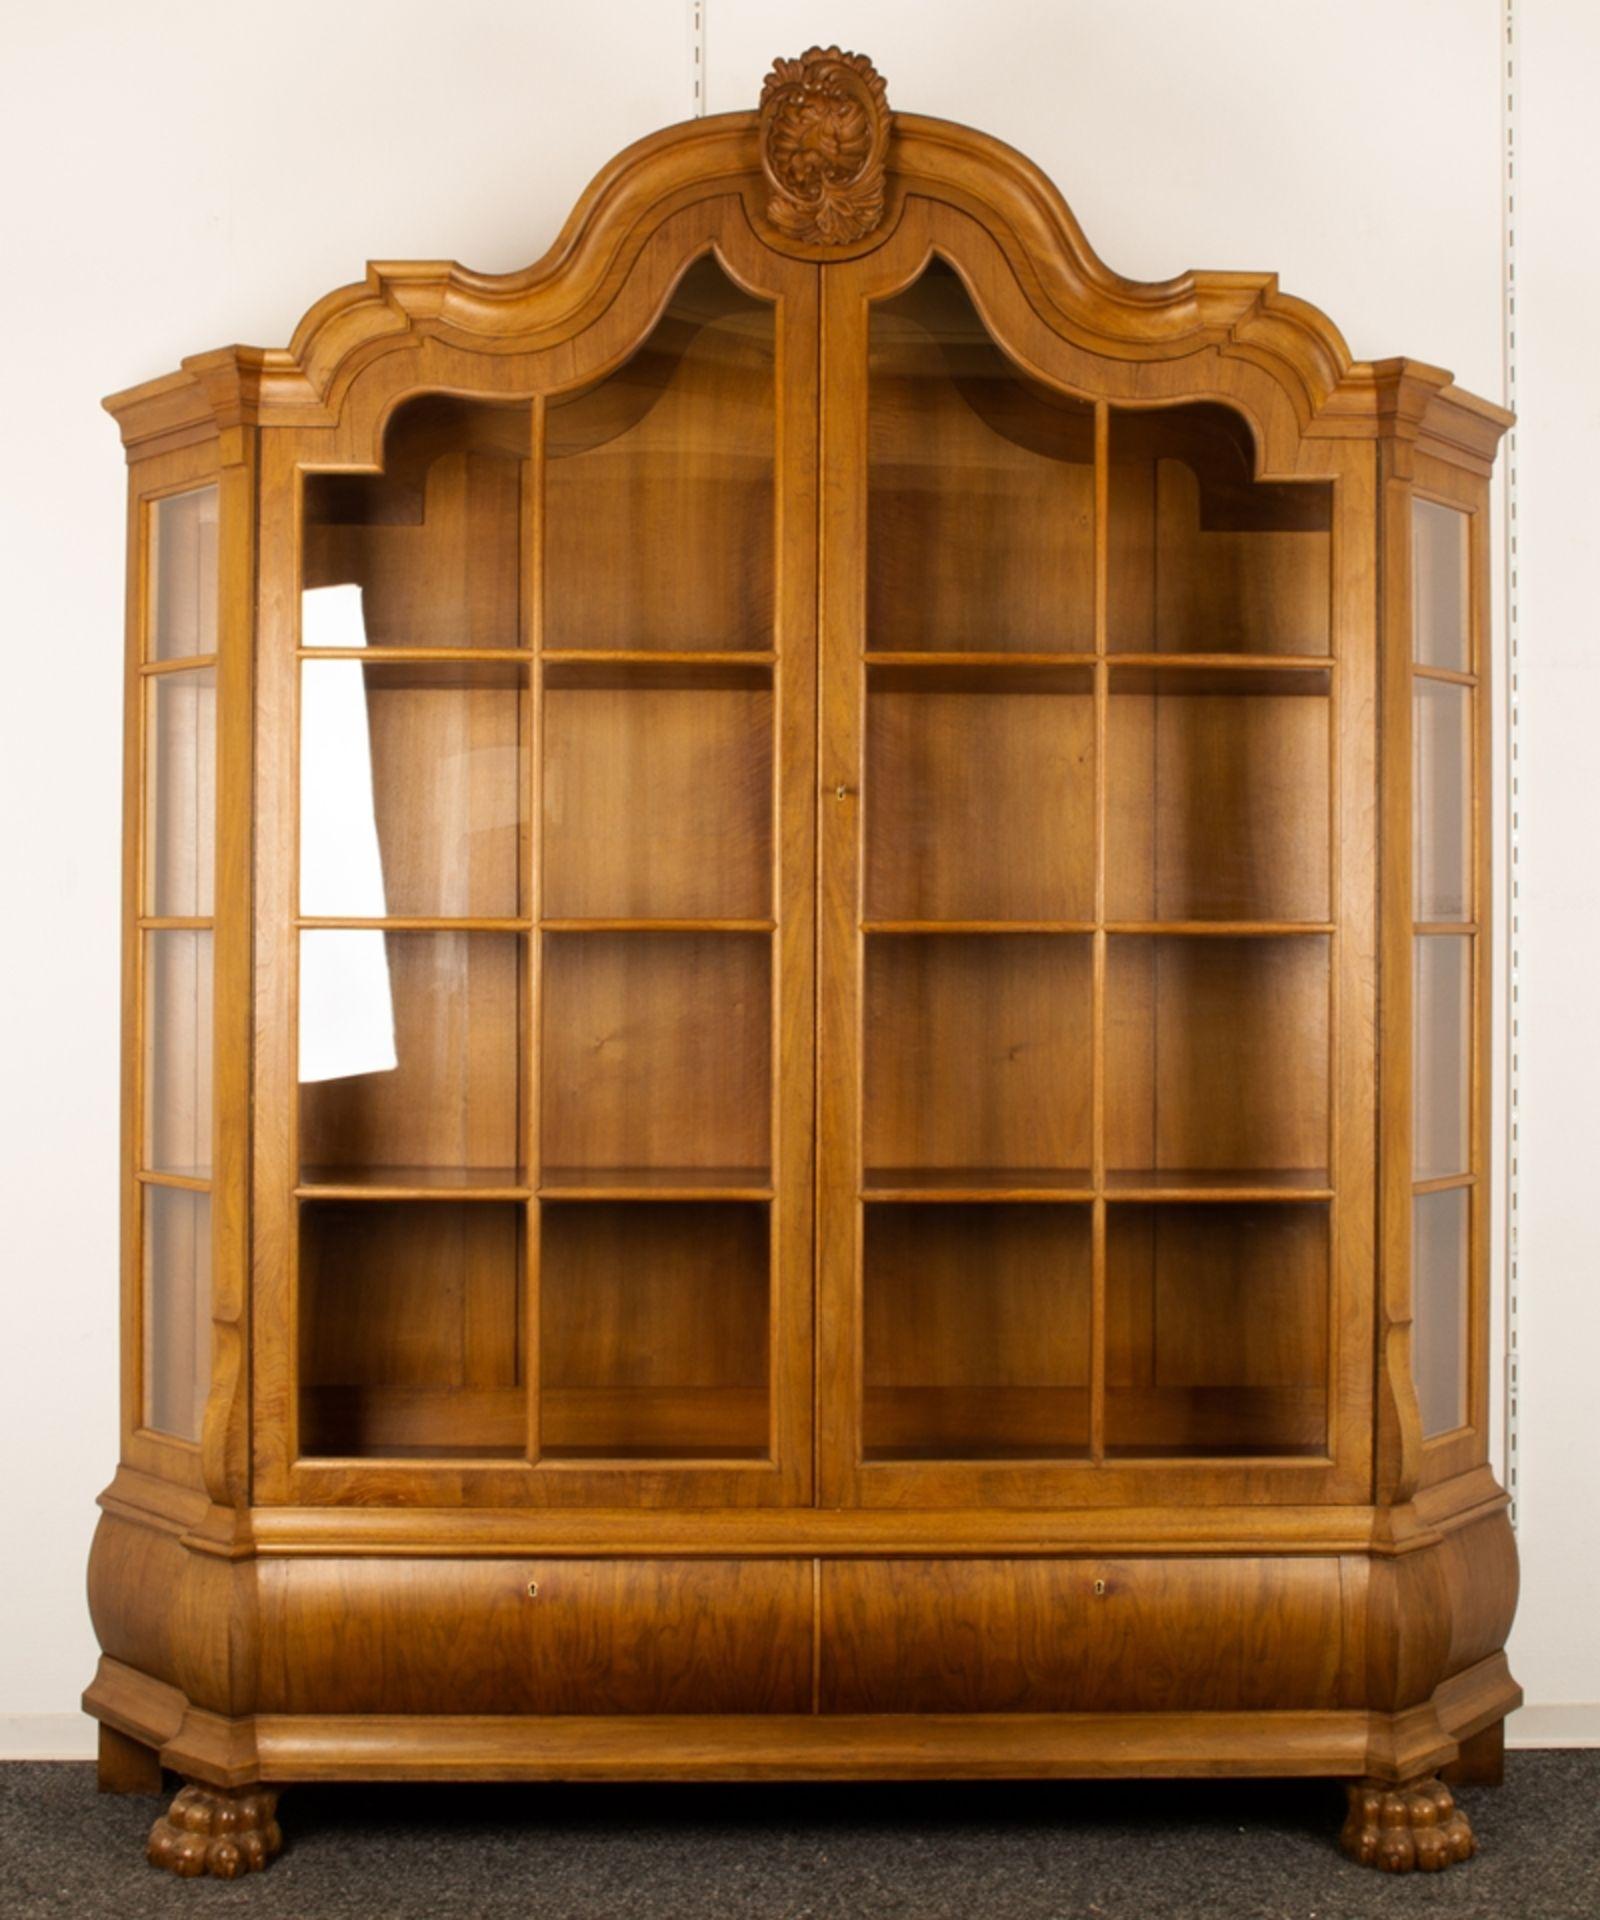 Großer, zweitüriger Bücherschrank, Barockstil, 2. Drittel 20. Jhd., Nussbaum massiv & furniert,